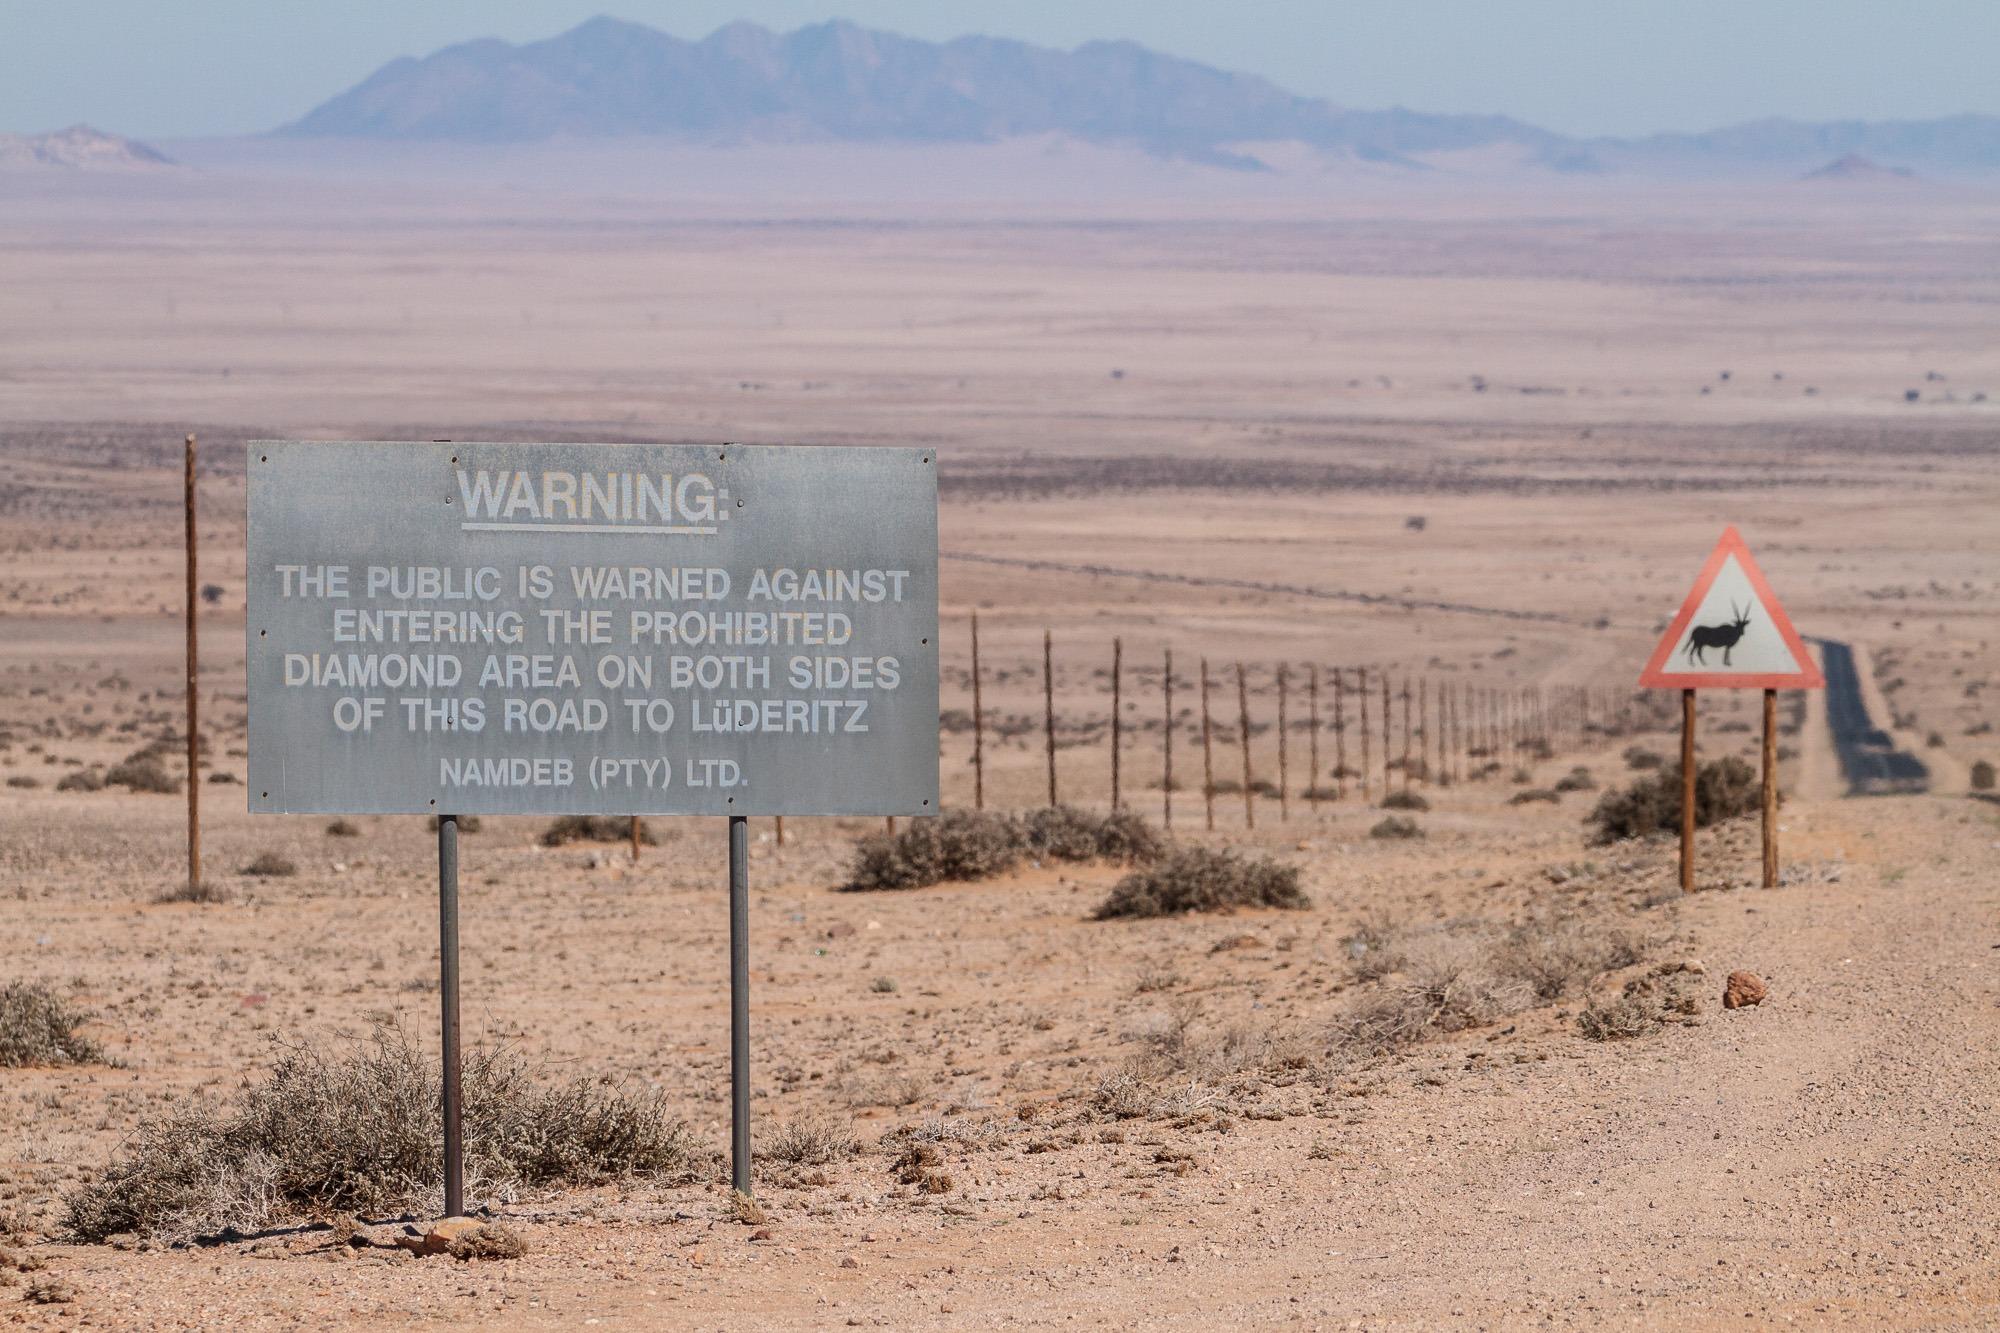 Warnung vor Diamantenraub an der B4 zwischen Aus und Lüderitz in der Namib Wüste Namibia